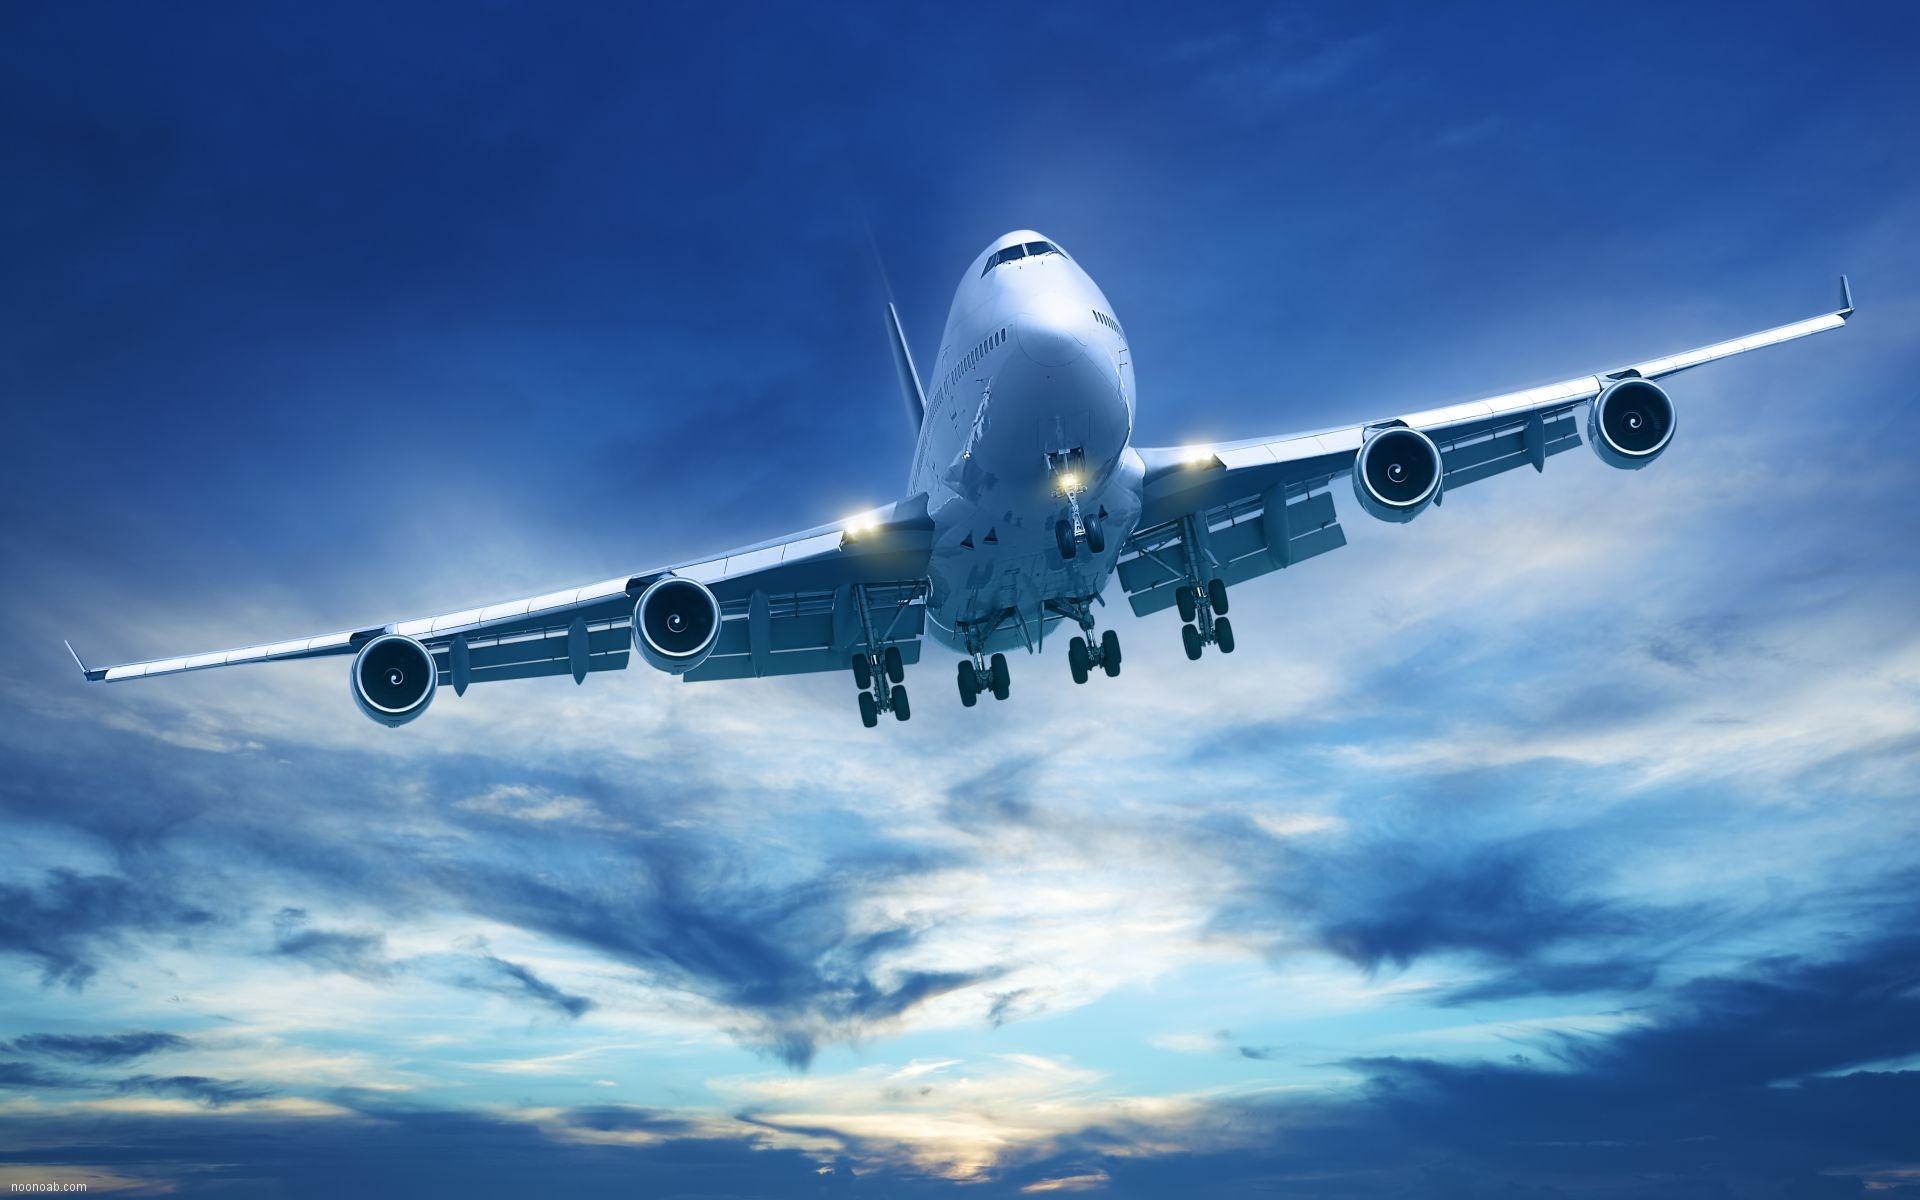 باشگاه خبرنگاران -قیمت بلیت هواپیما در مسیر های مختلف